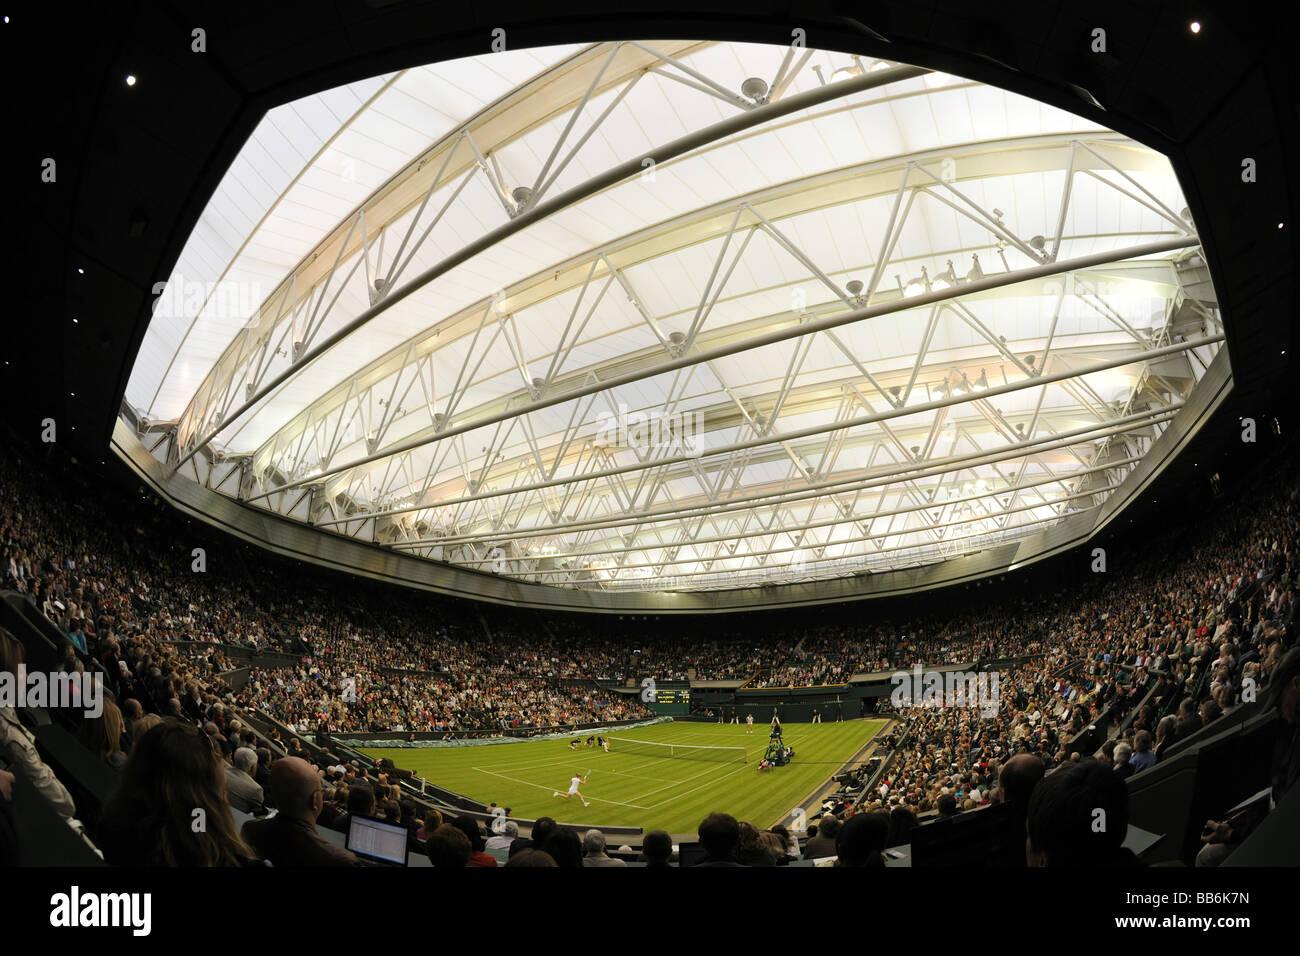 Vista di giocare sul Centre Court sotto il nuovo tetto apribile durante il campo centrale di Wimbledon evento di Immagini Stock